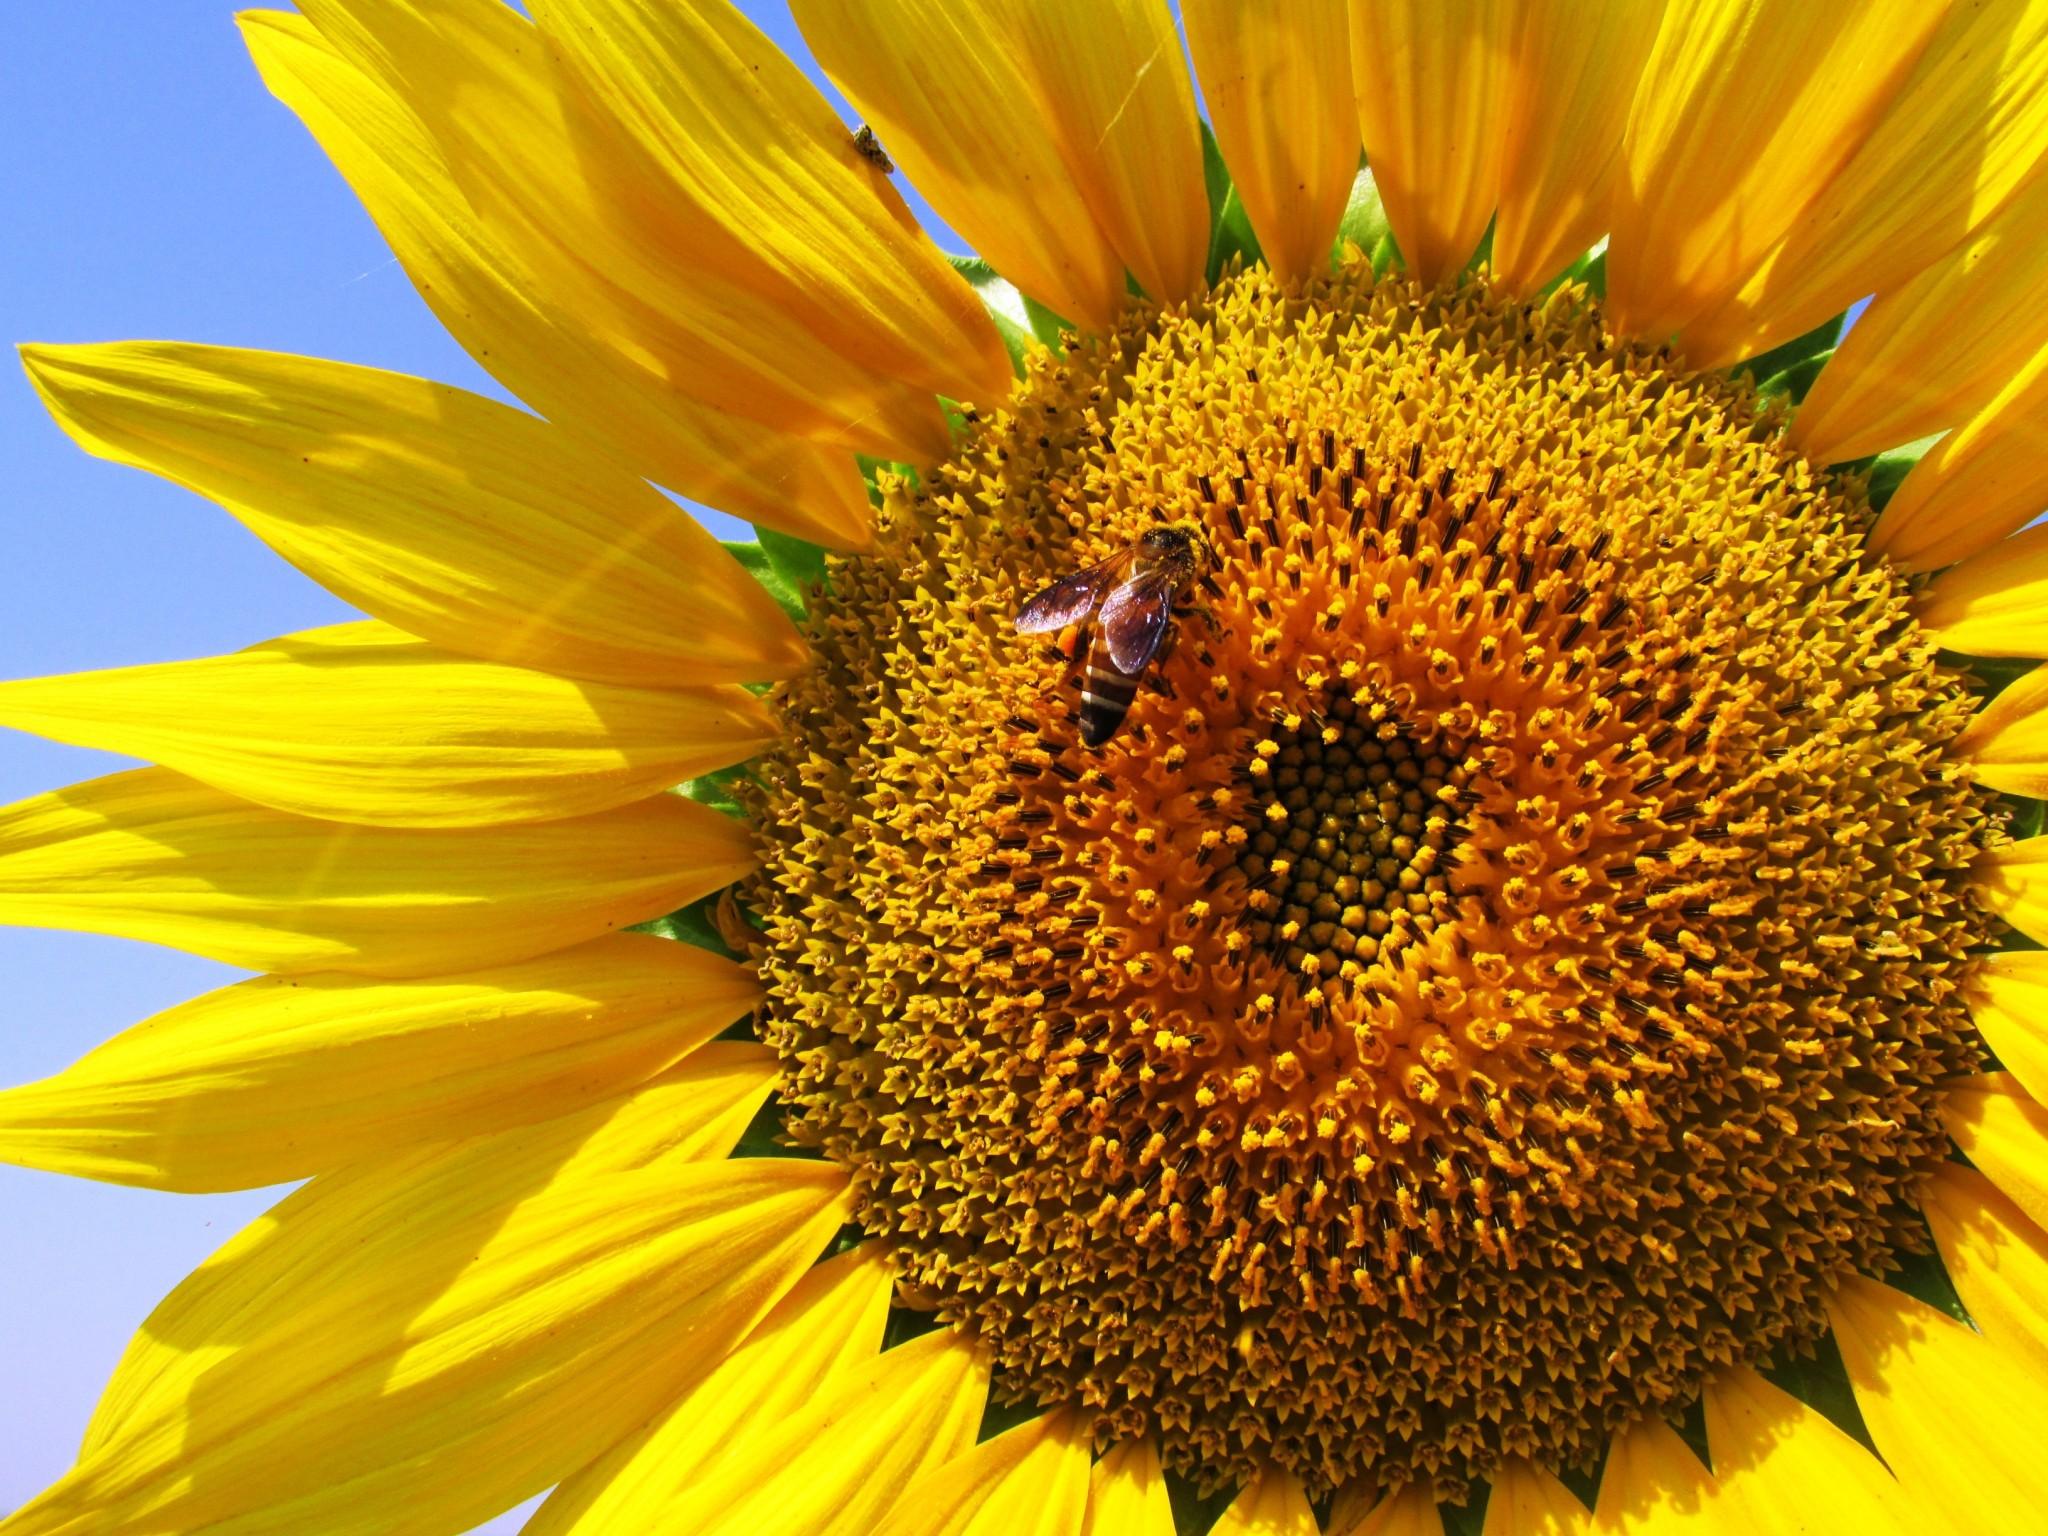 sunflower-268012.jpg